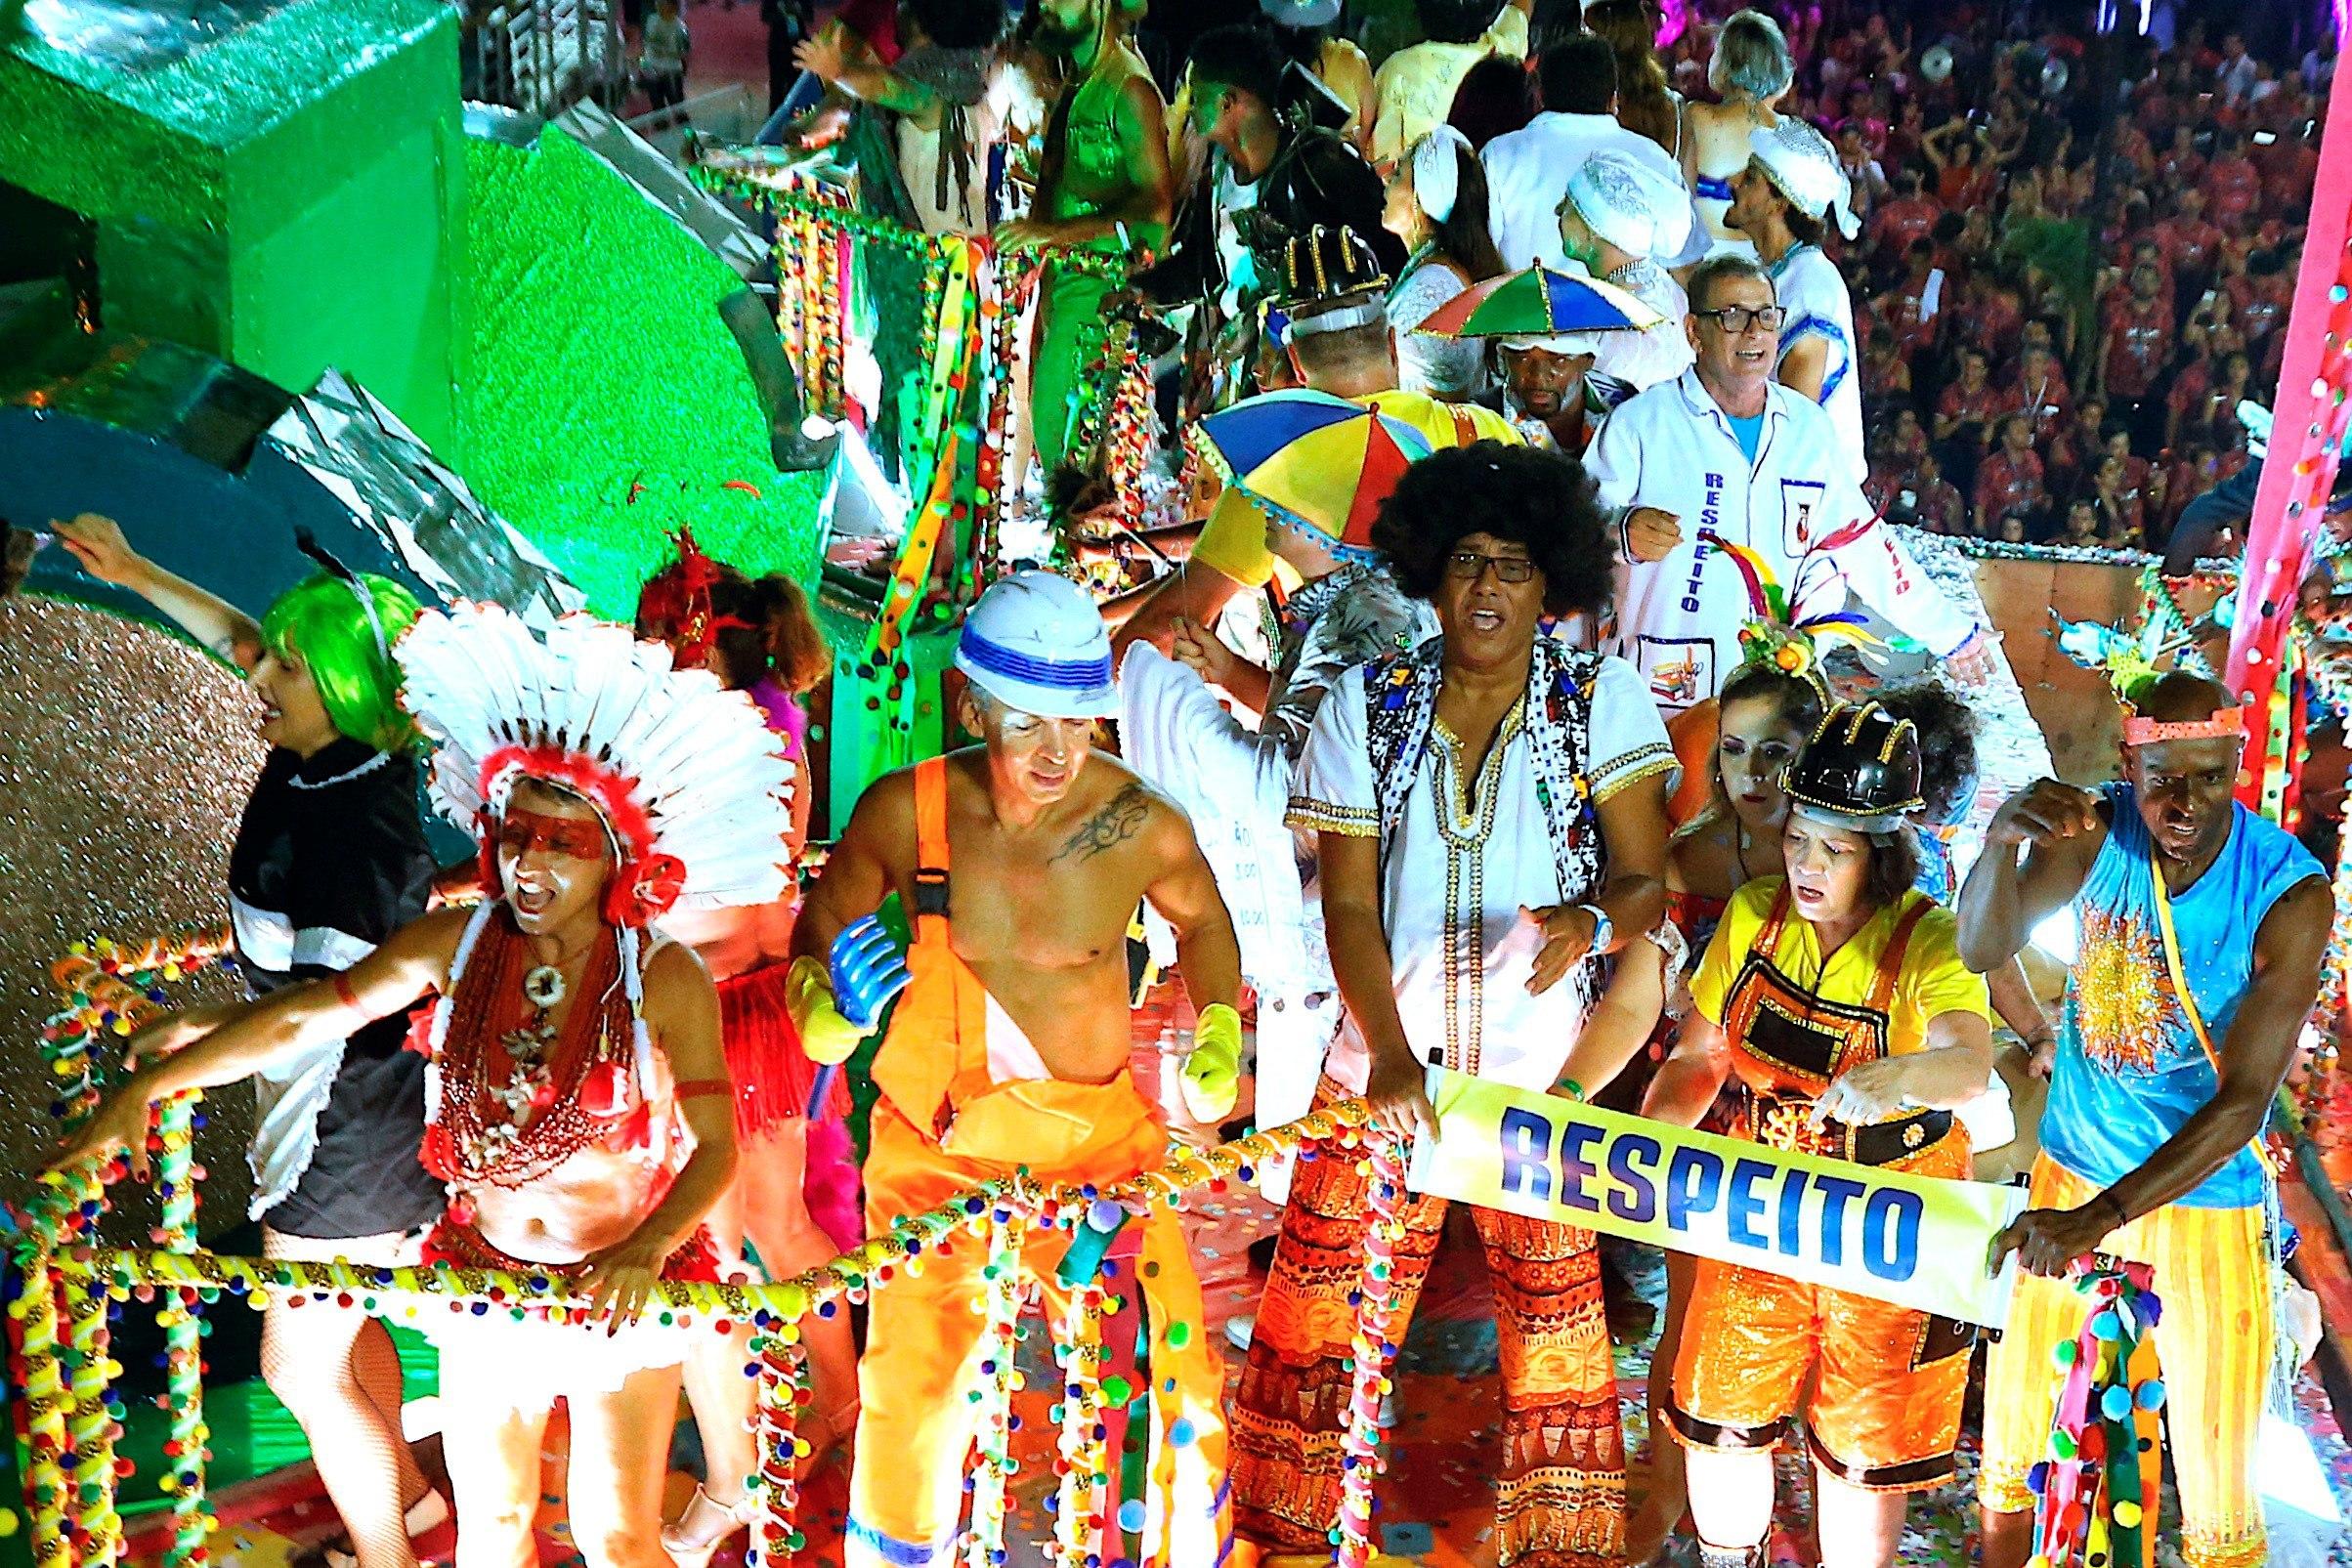 Para los Brasileños el carnaval es una fuente de ingreso porque el turismo se eleva en esas fechas.